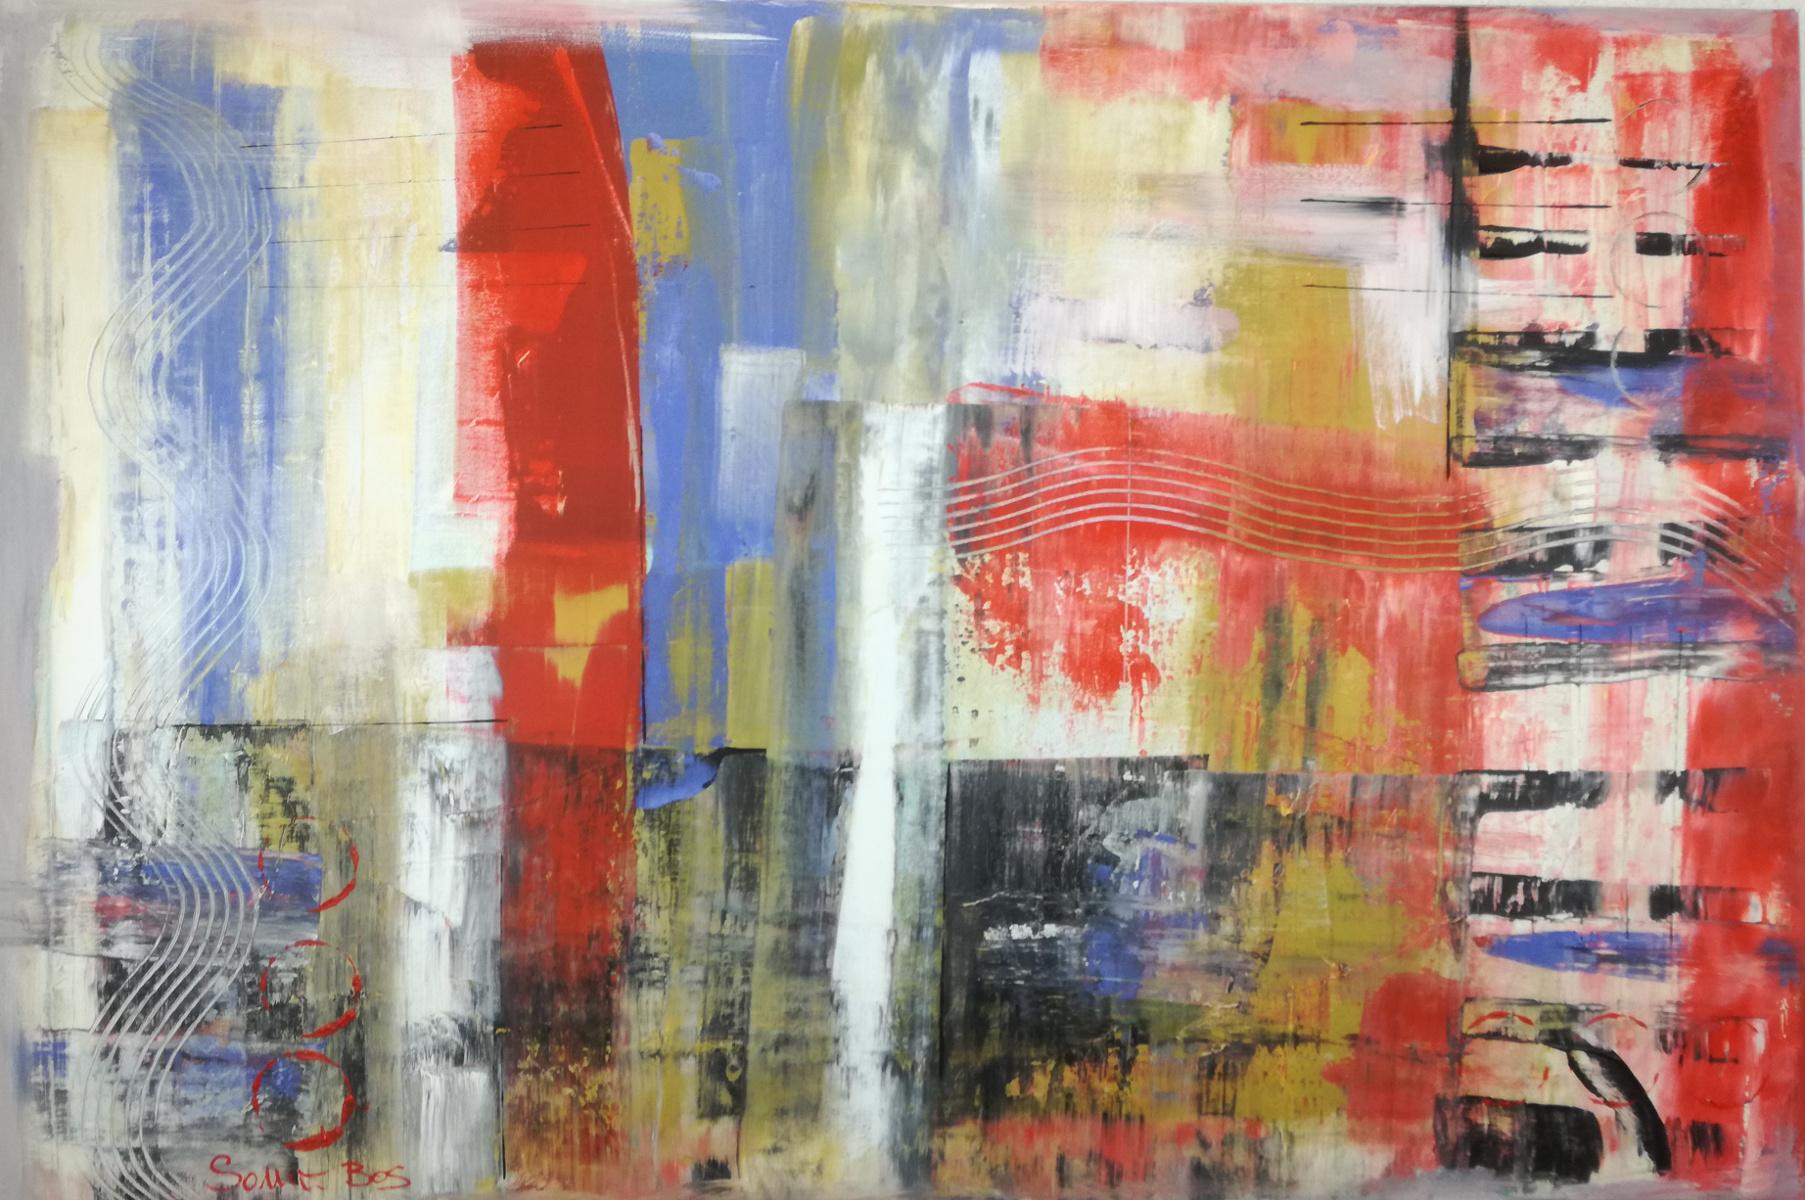 quadri moderni art - quadri moderni per arredamento contemporaneo 120x80 rosso